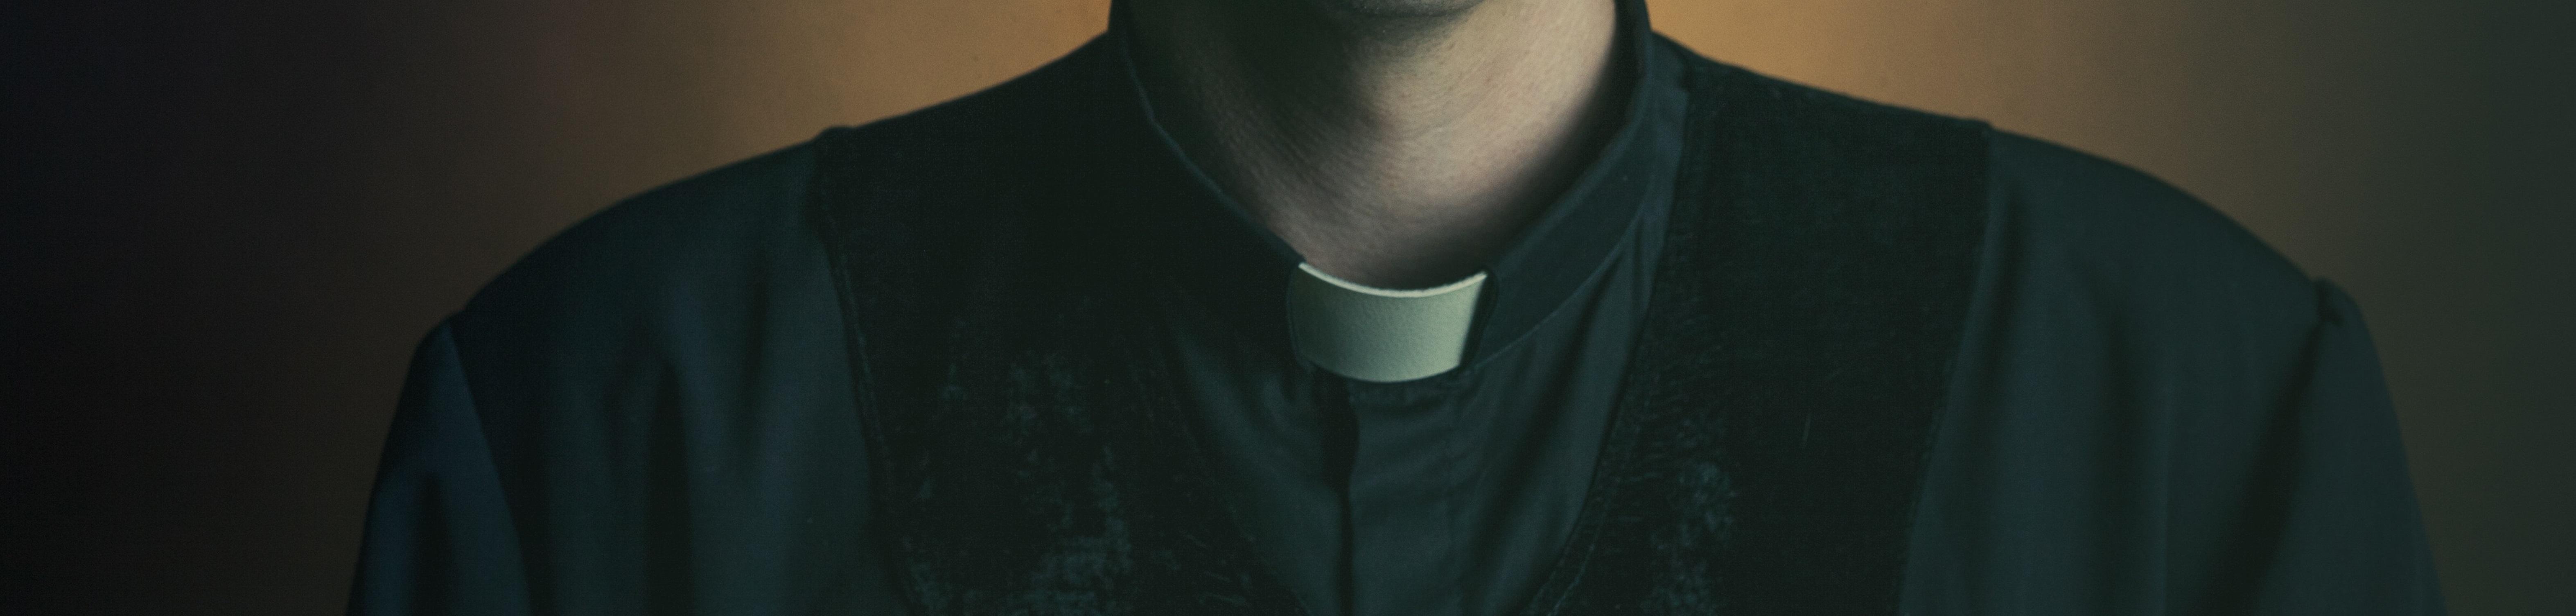 Dwaj księża latami gwałcili głuchonieme dzieci. Wykorzystywali je nawet w szkole